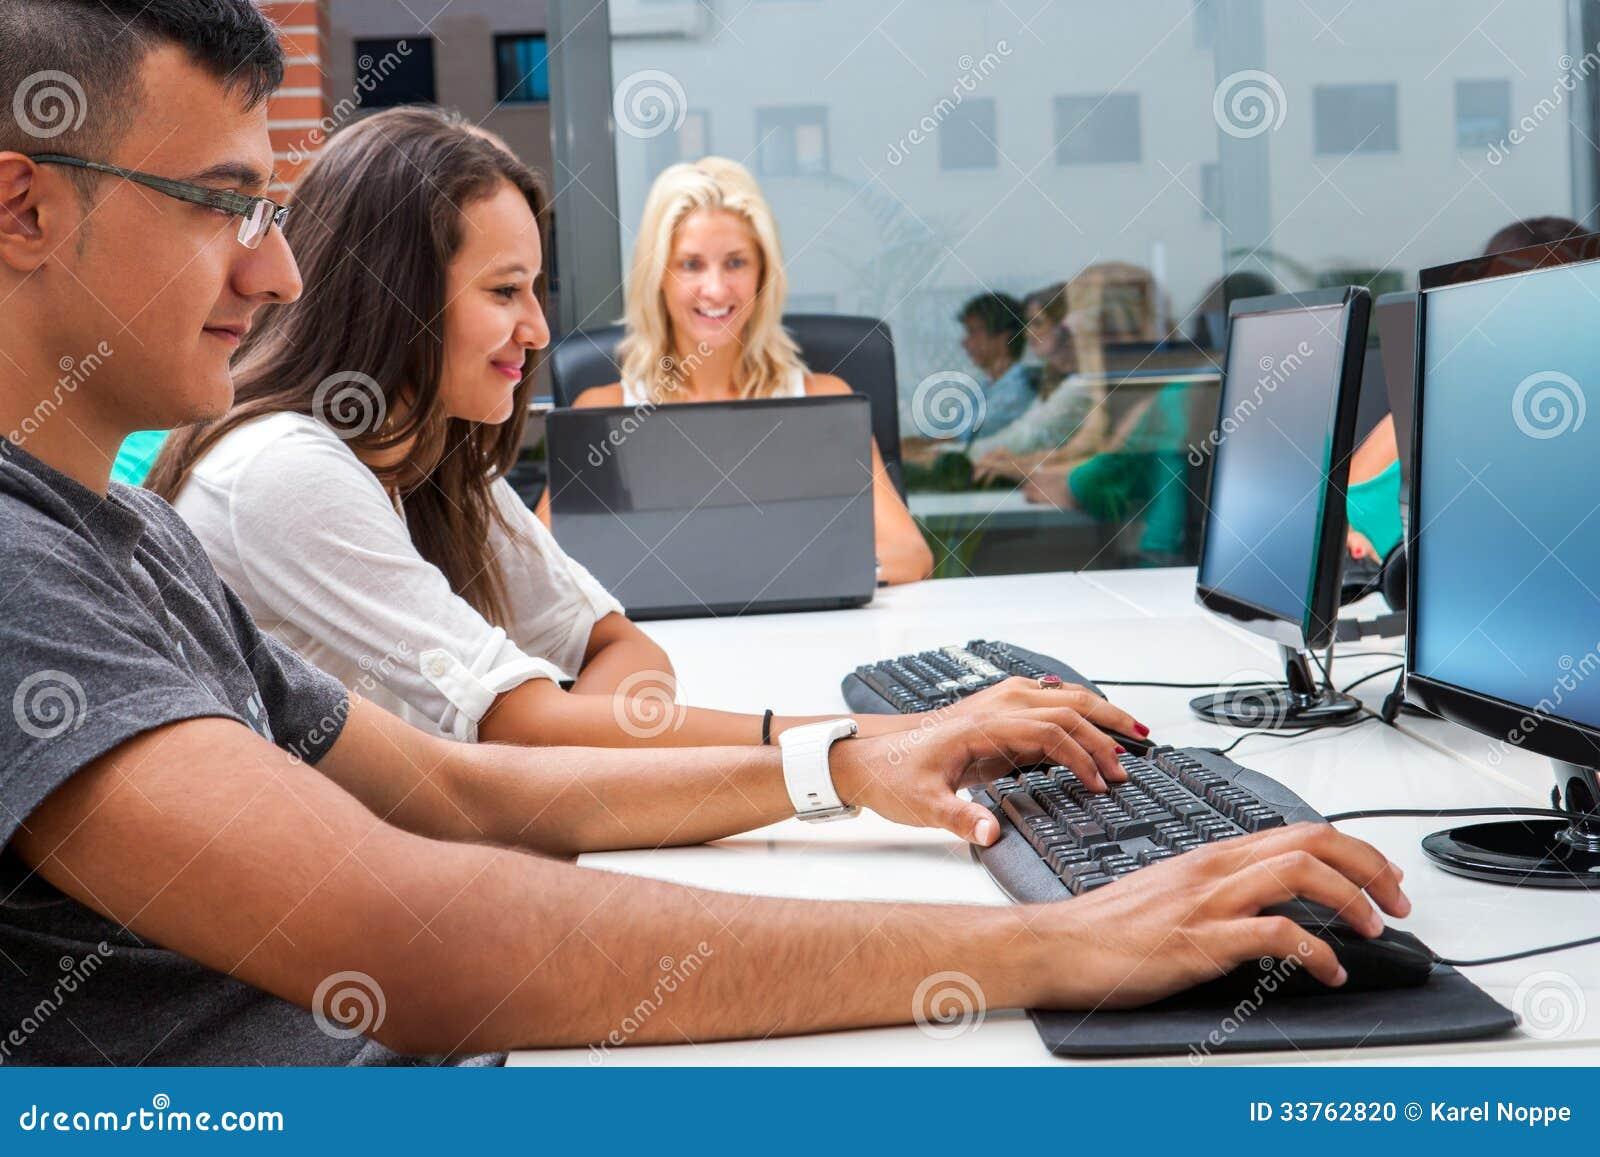 Grupp av studenter som utbildar på datorer.